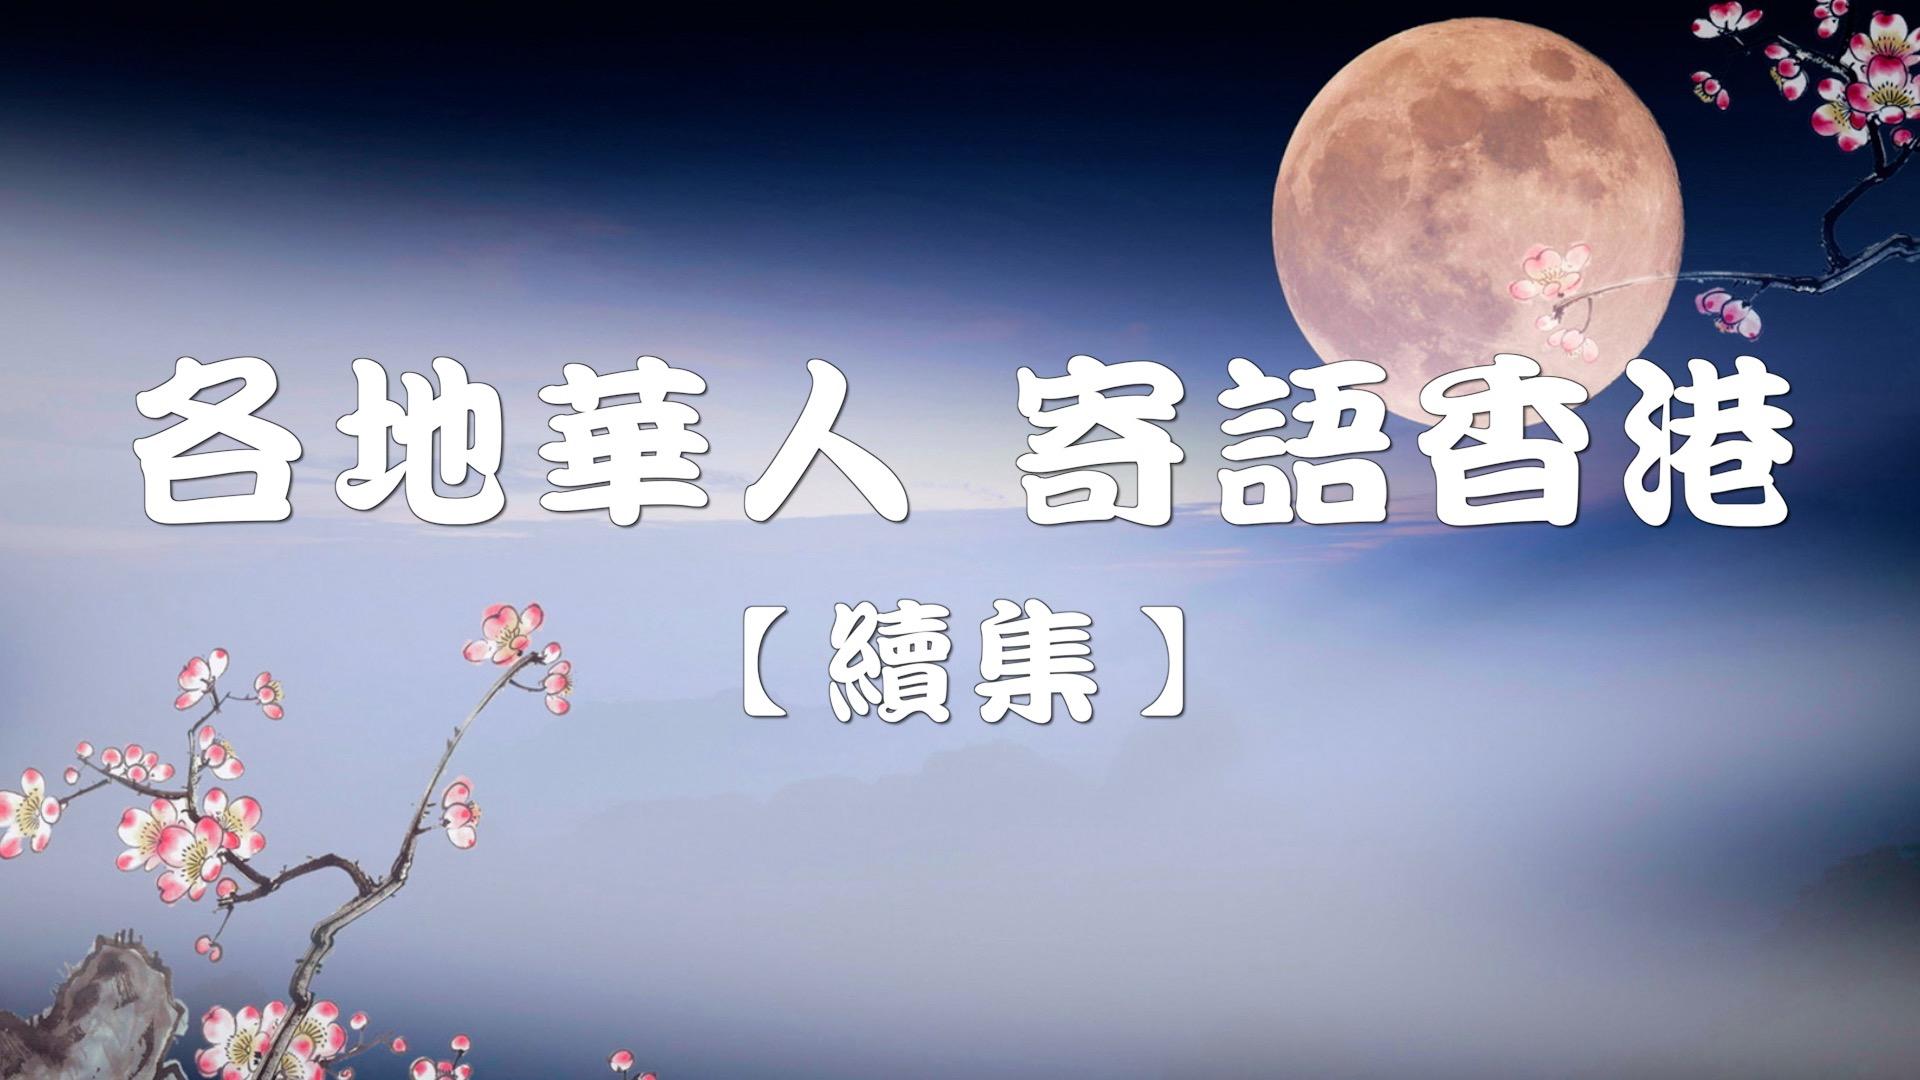 【拍案驚奇】全球華人寄語香港 句句經典(續)